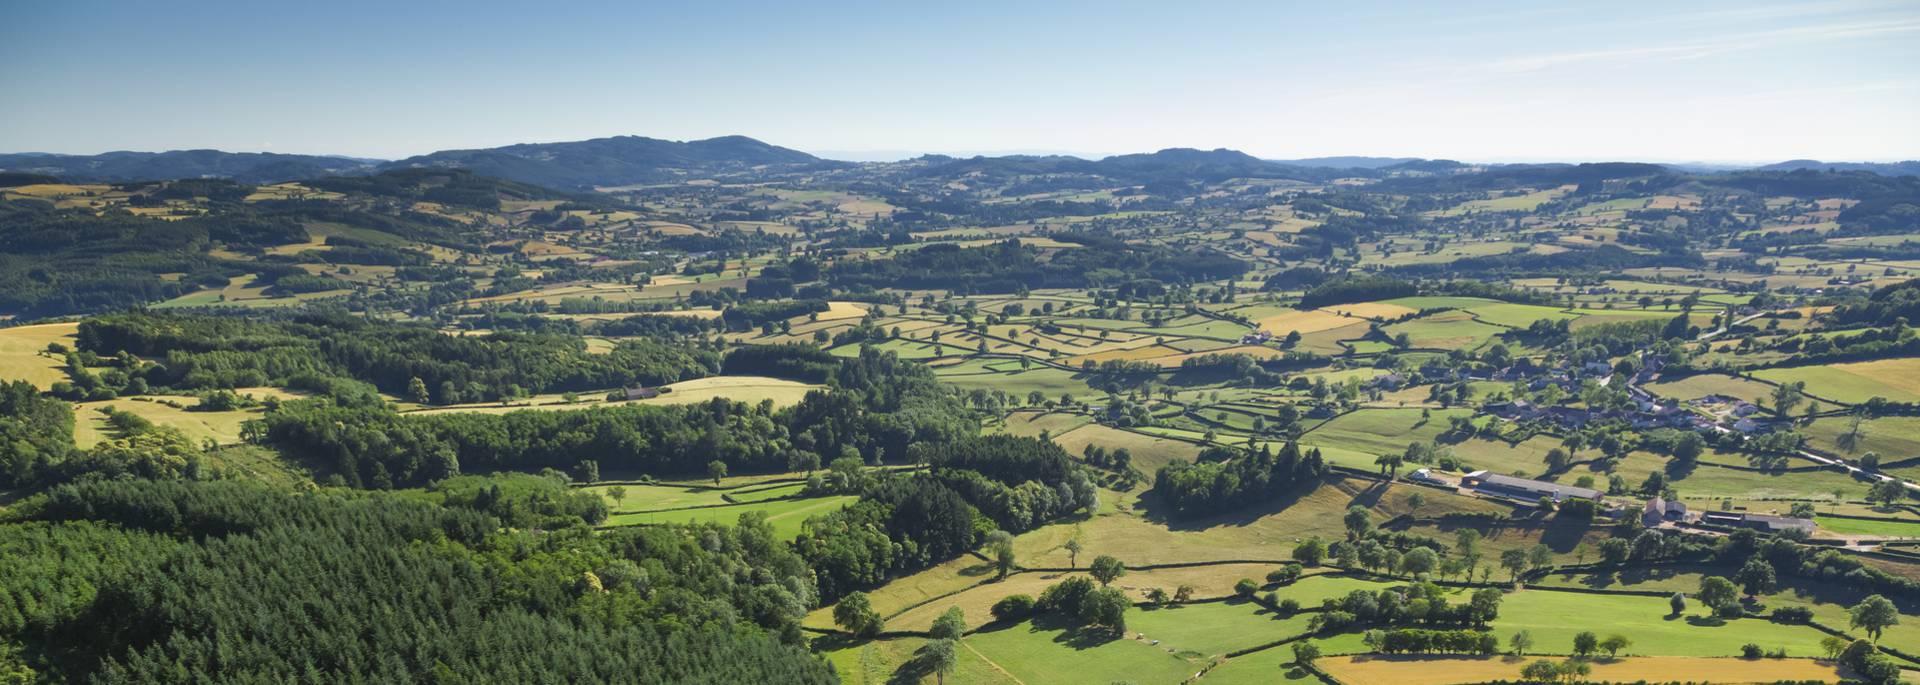 Paysages du Charolais entre Suin et Charolles. © DSL, Aurélien Ibanez.